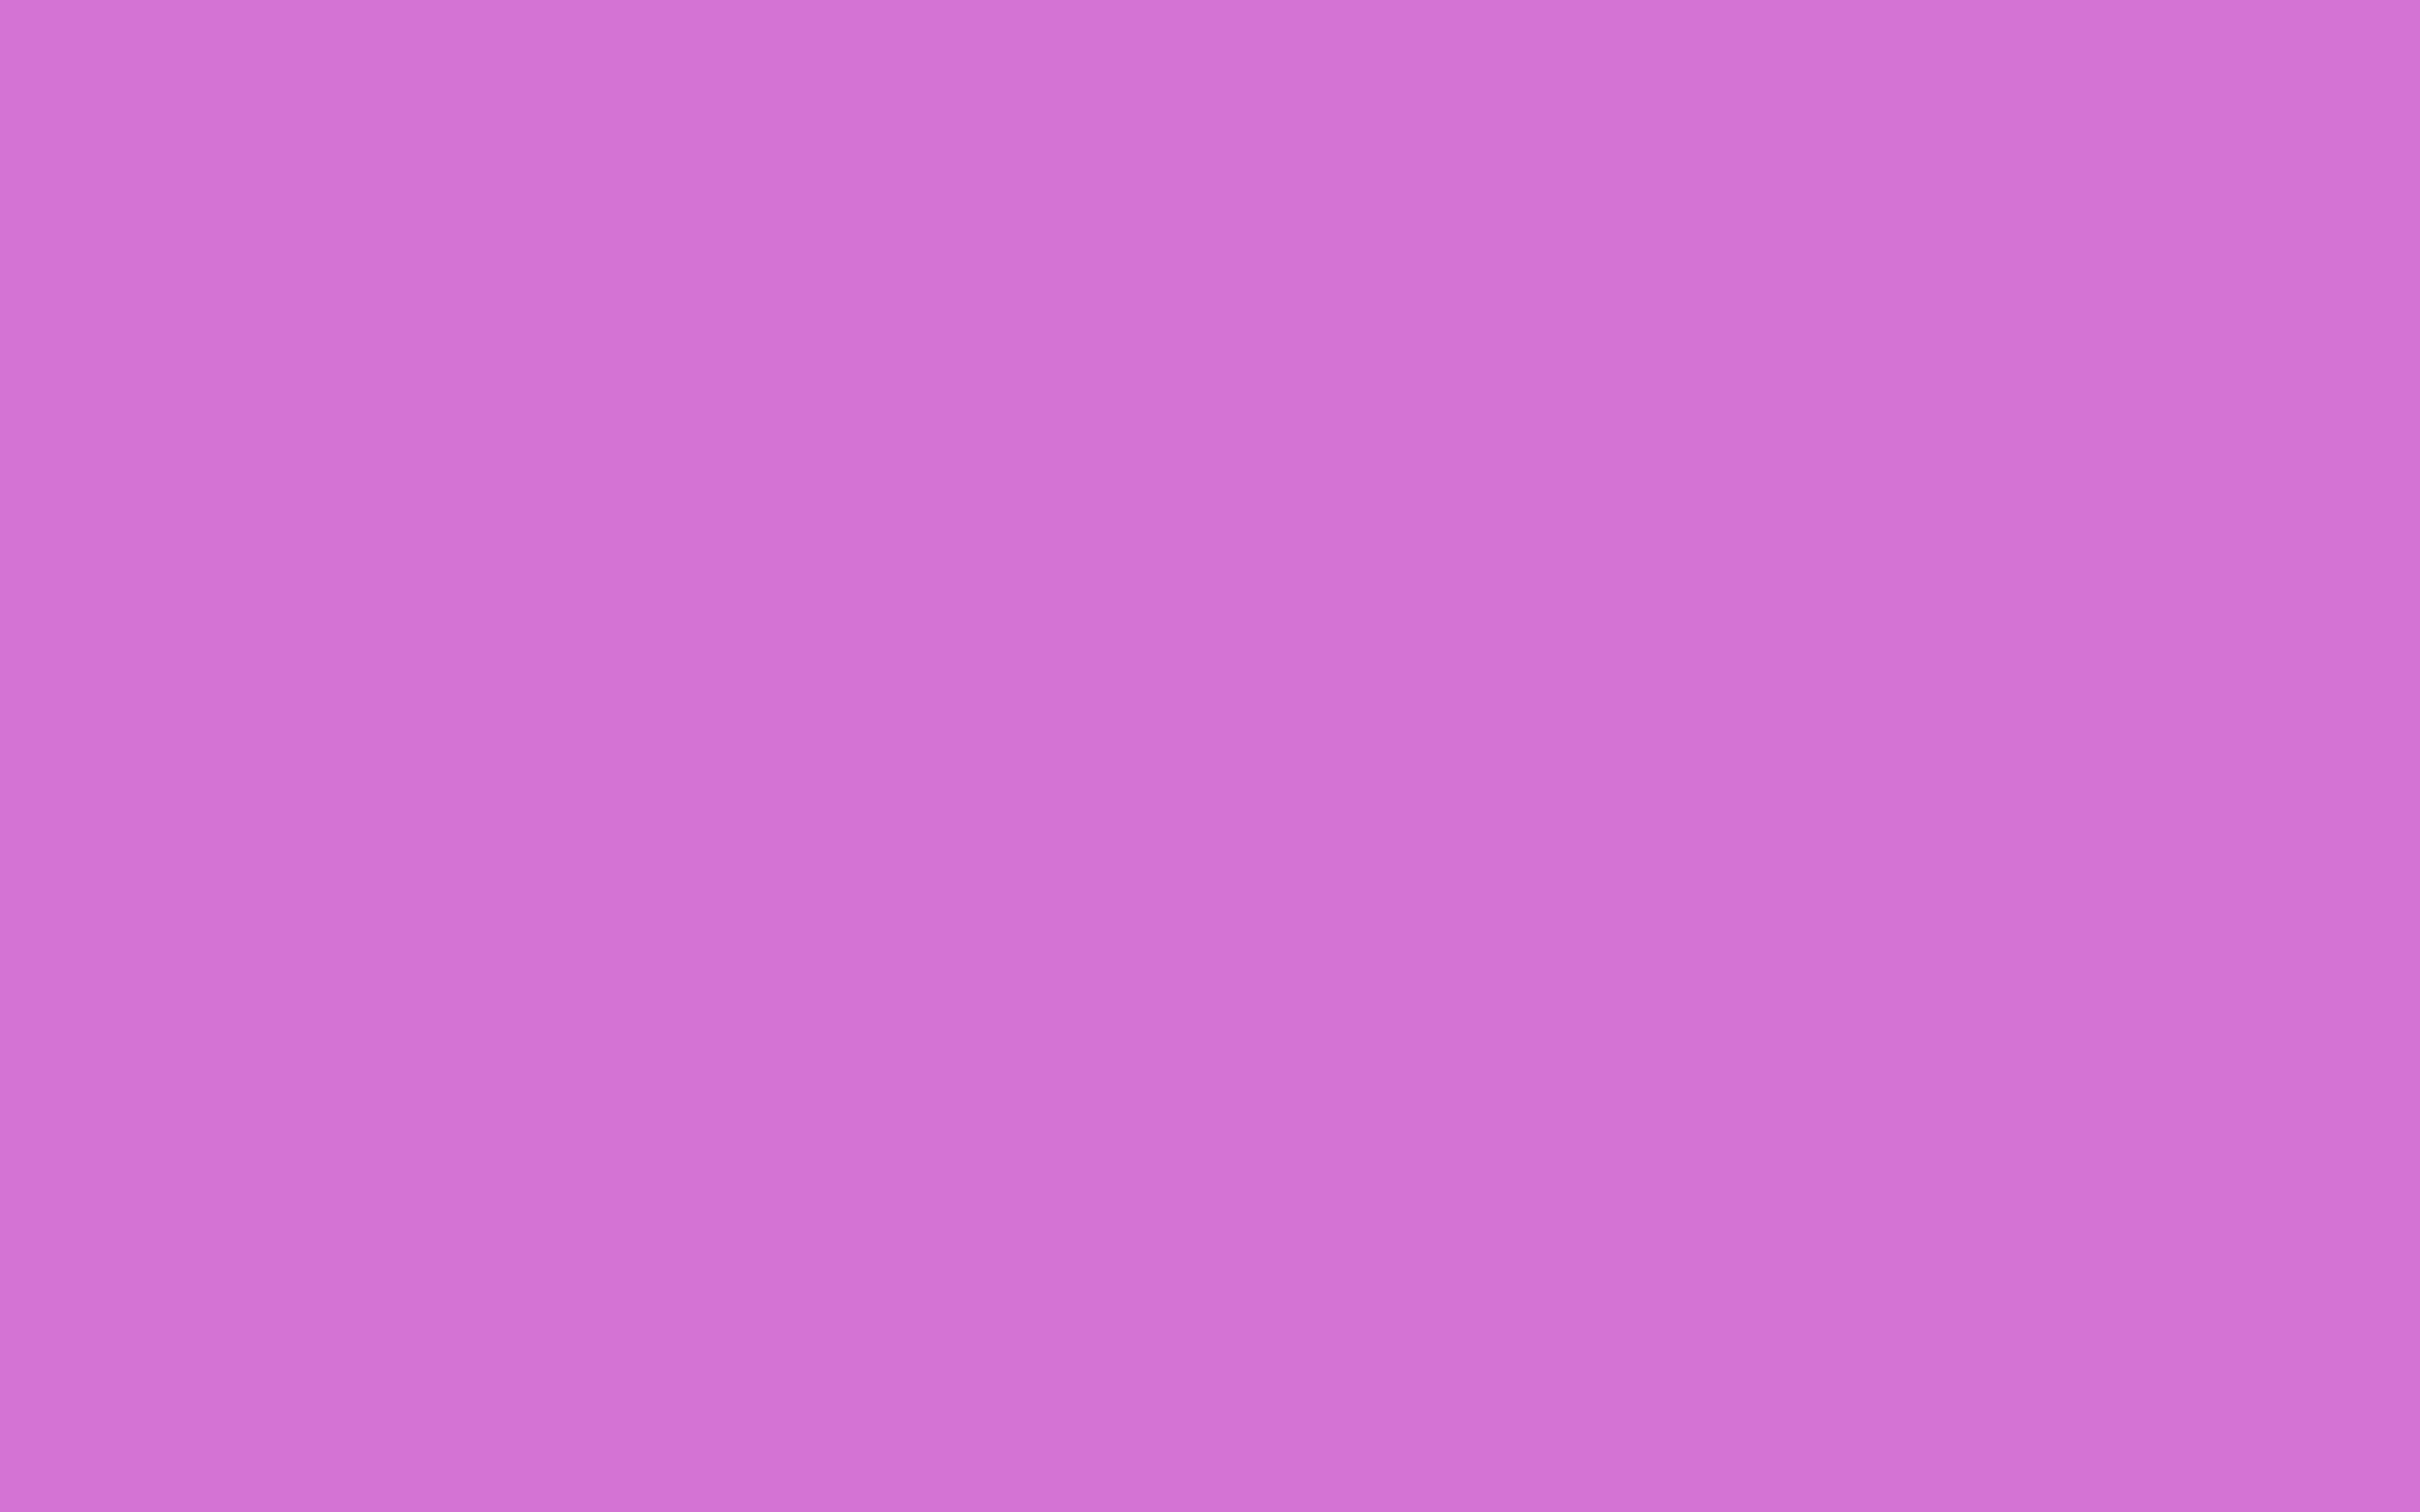 2560x1600 Deep Mauve Solid Color Background